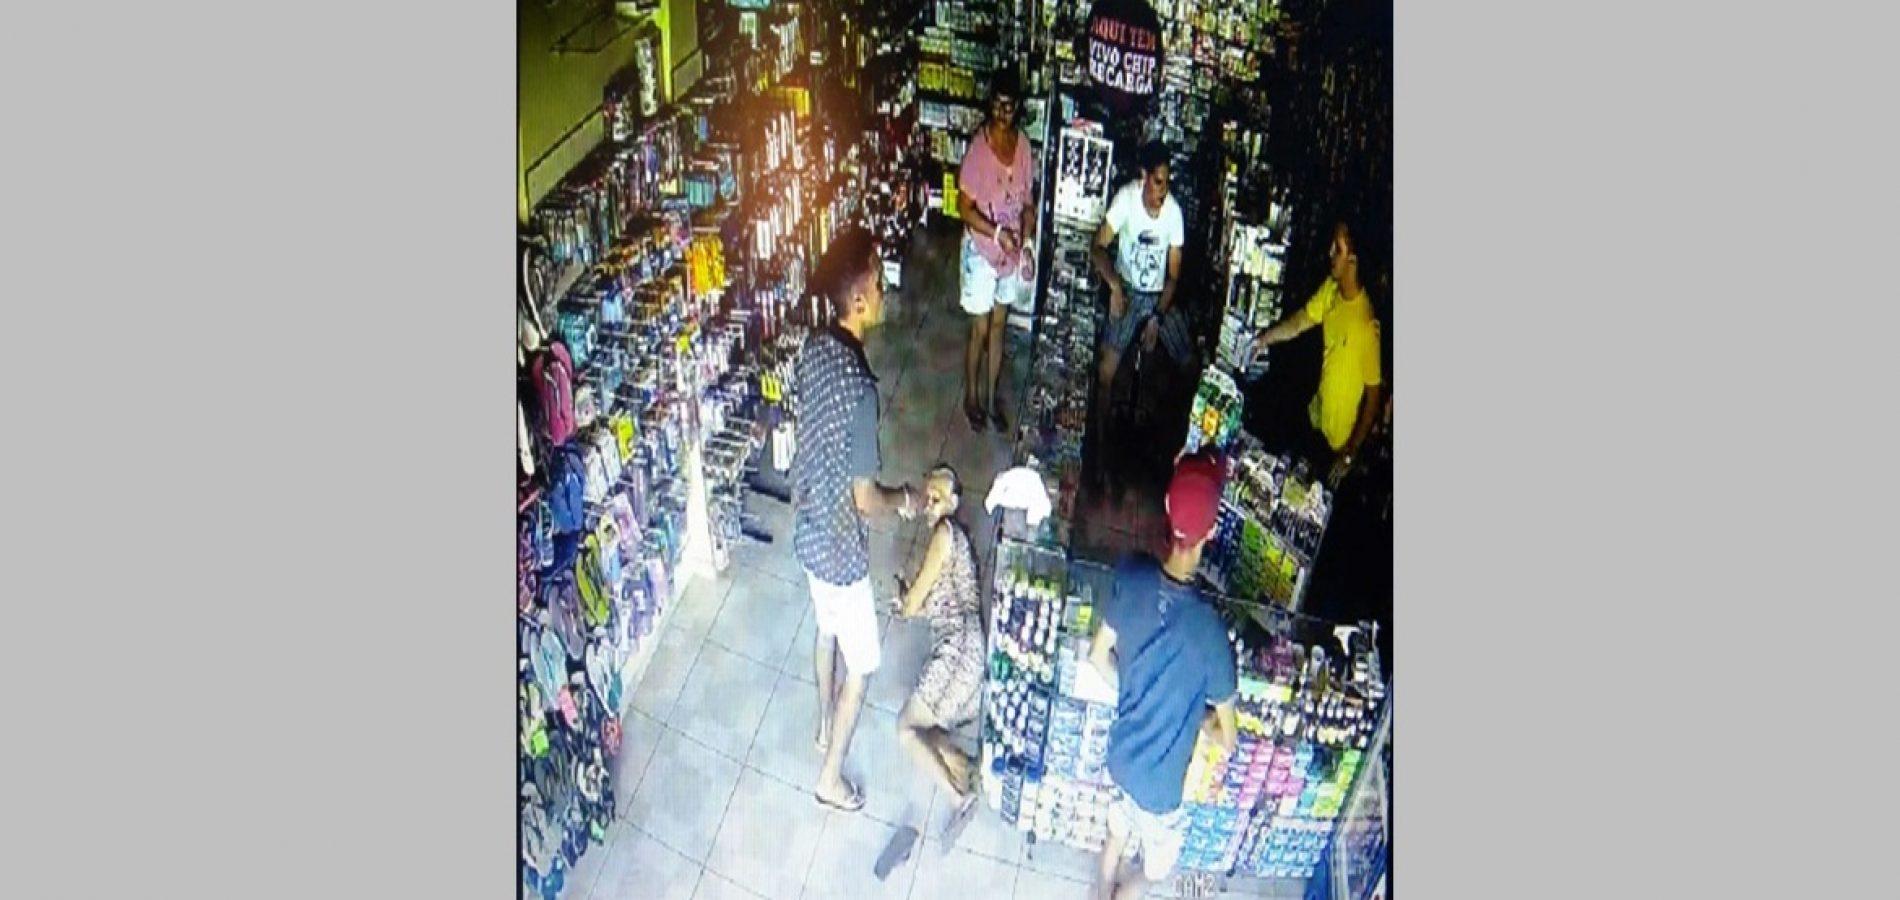 Idosa é agredida durante assalto à farmácia em município do Piauí